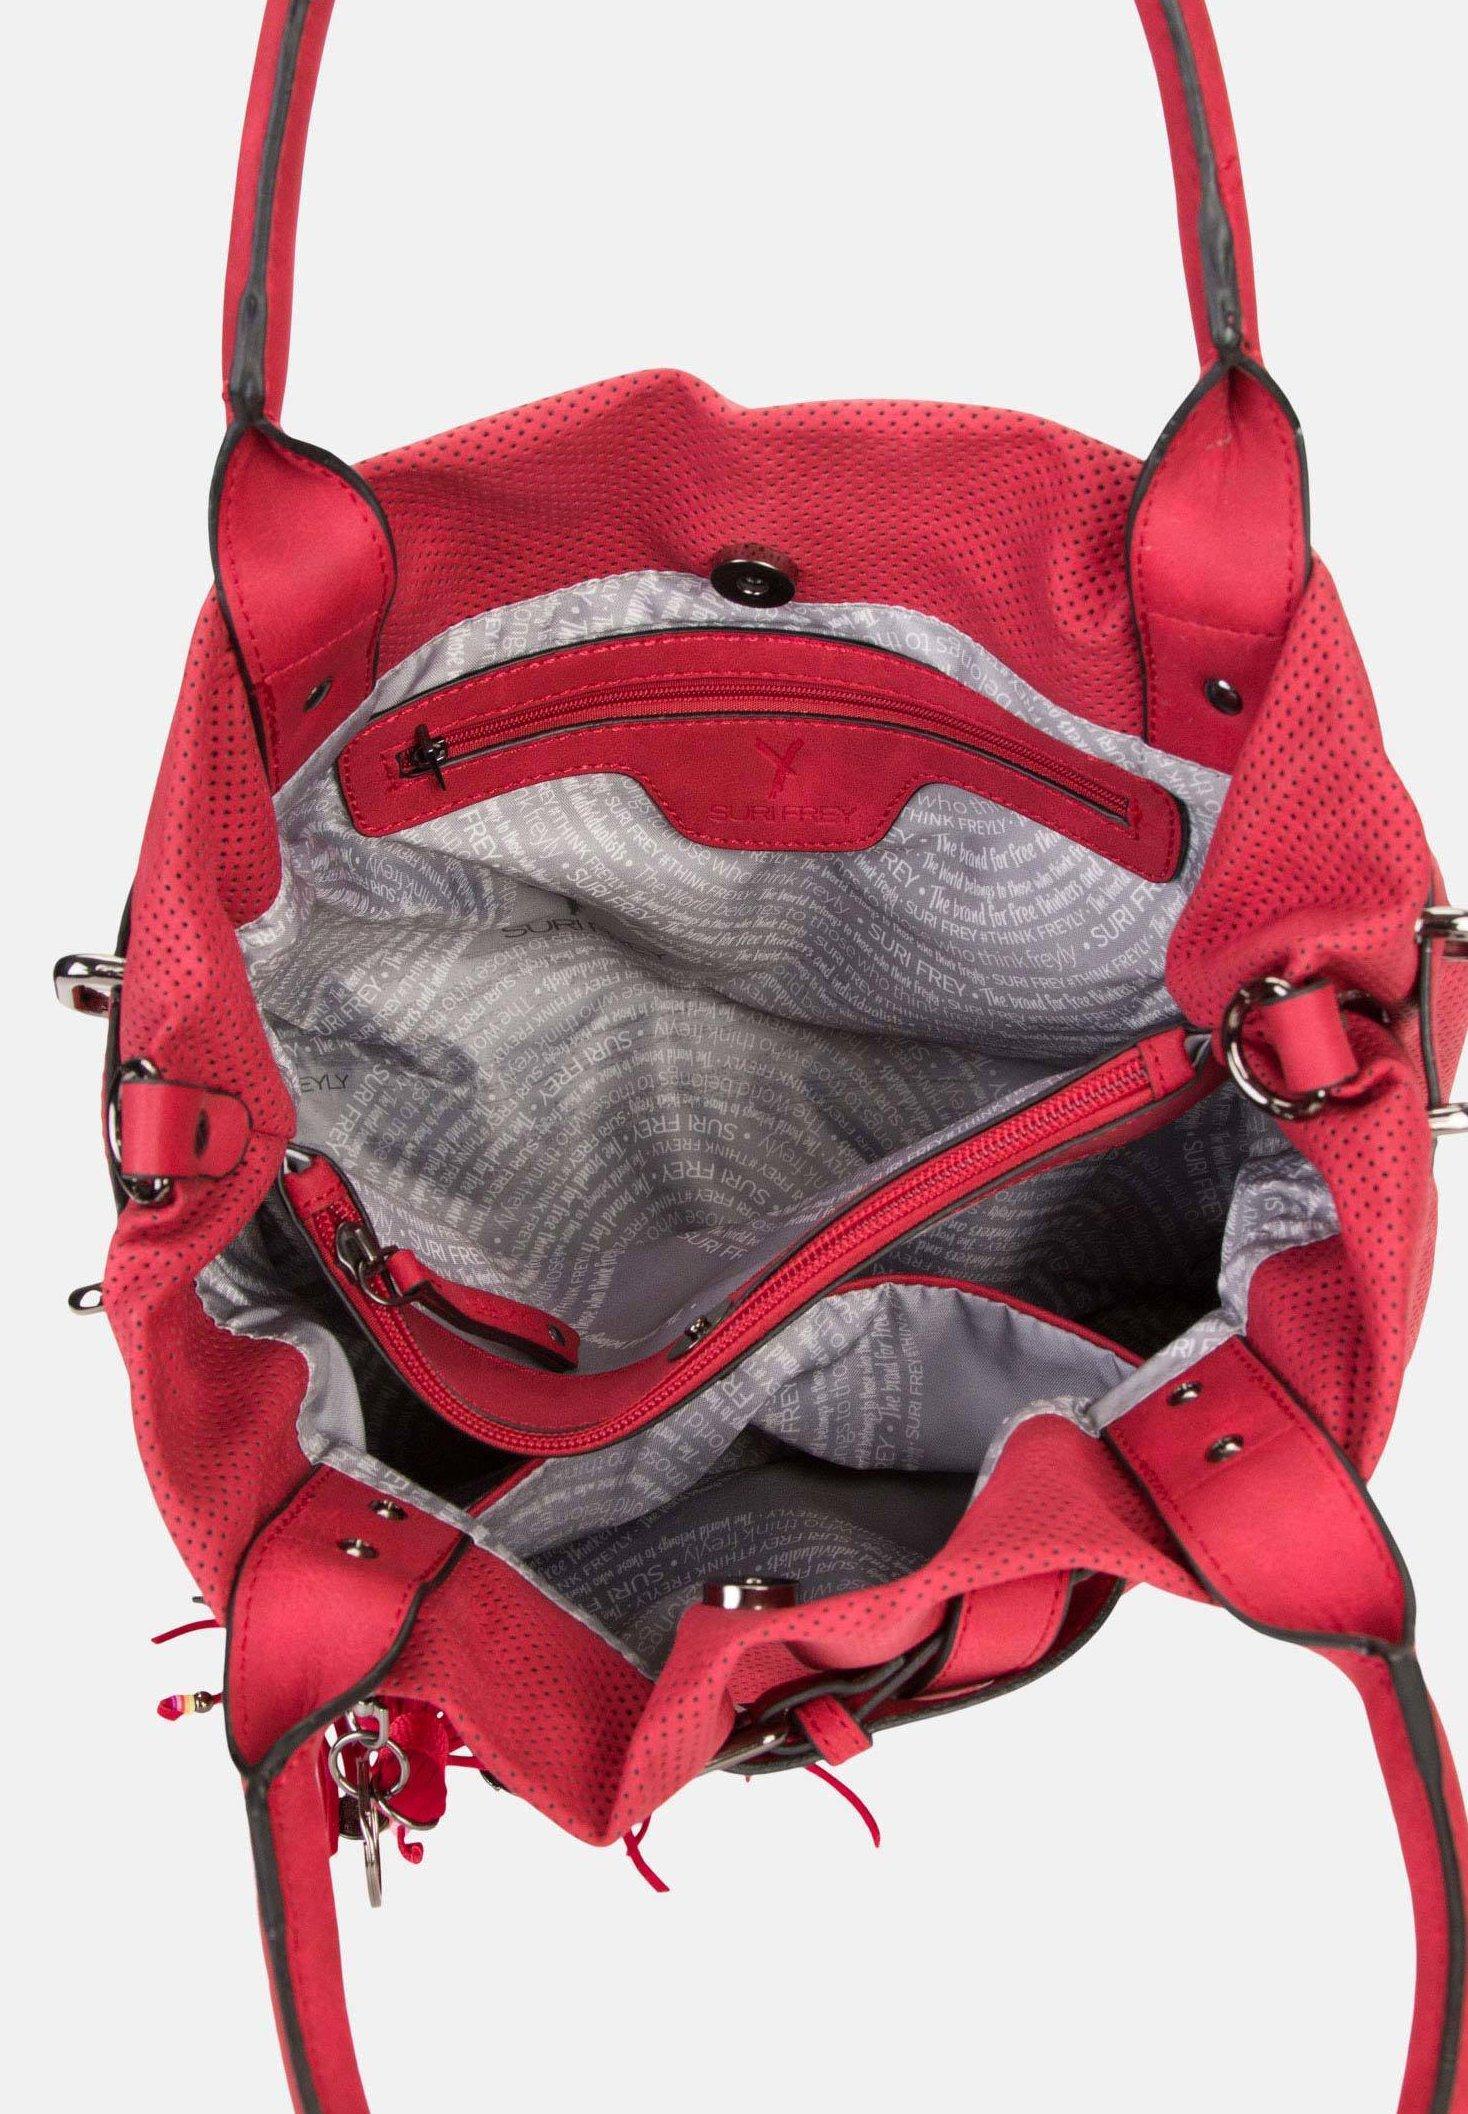 Suri Red RomyShopping Bag Frey 1u3TJ5FKlc